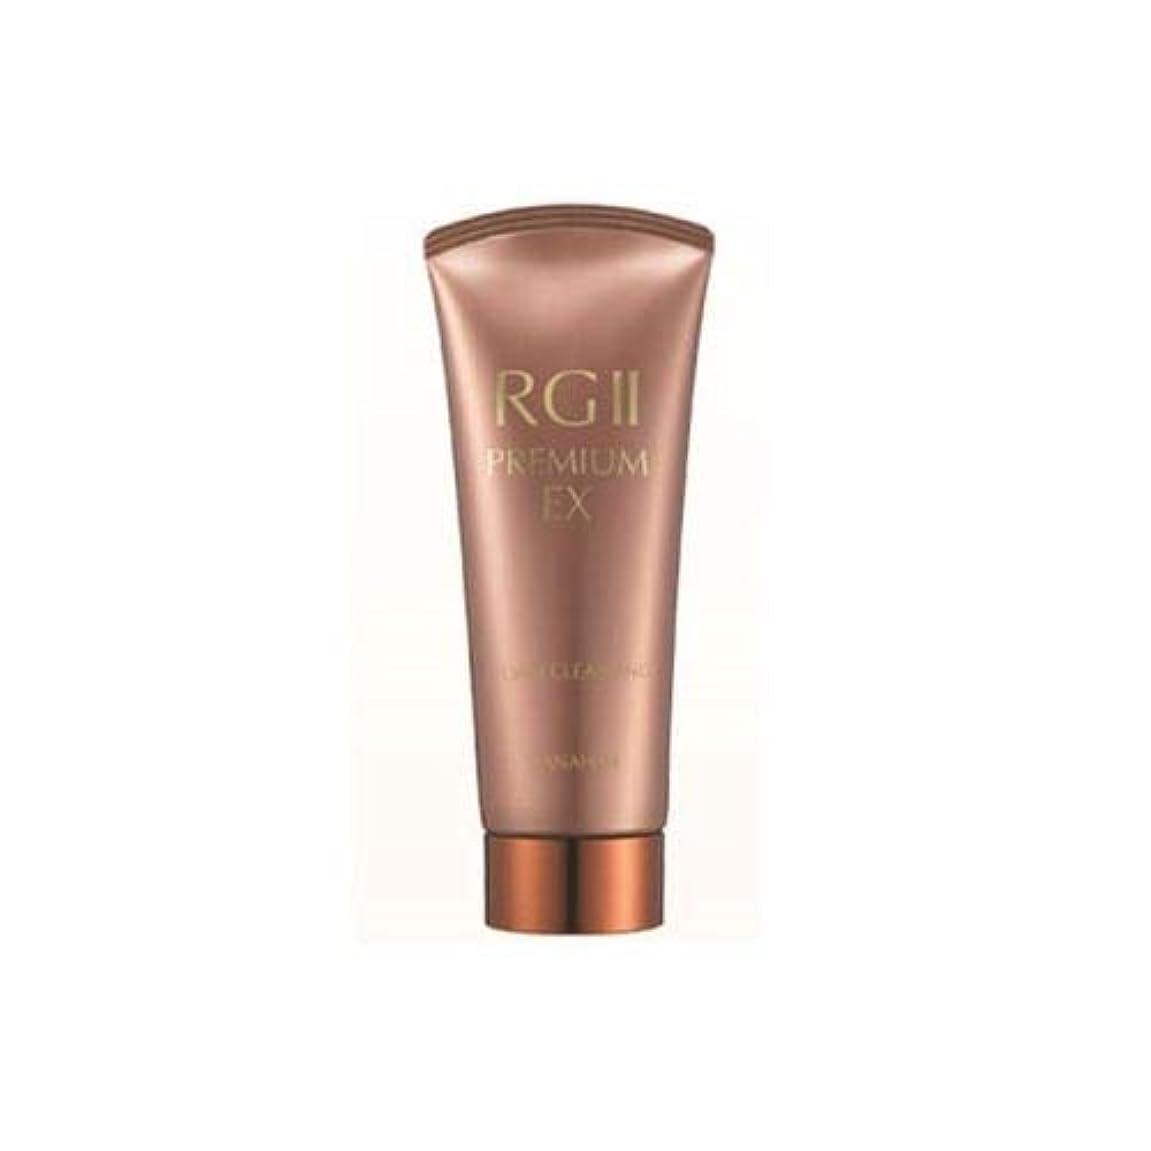 ポスター息子ガロンDanahan RGll Premium EX Foam Cleansing 多娜嫺 (ダナハン) RGll プレミアム EX フォームクレンジング 200ml [並行輸入品]